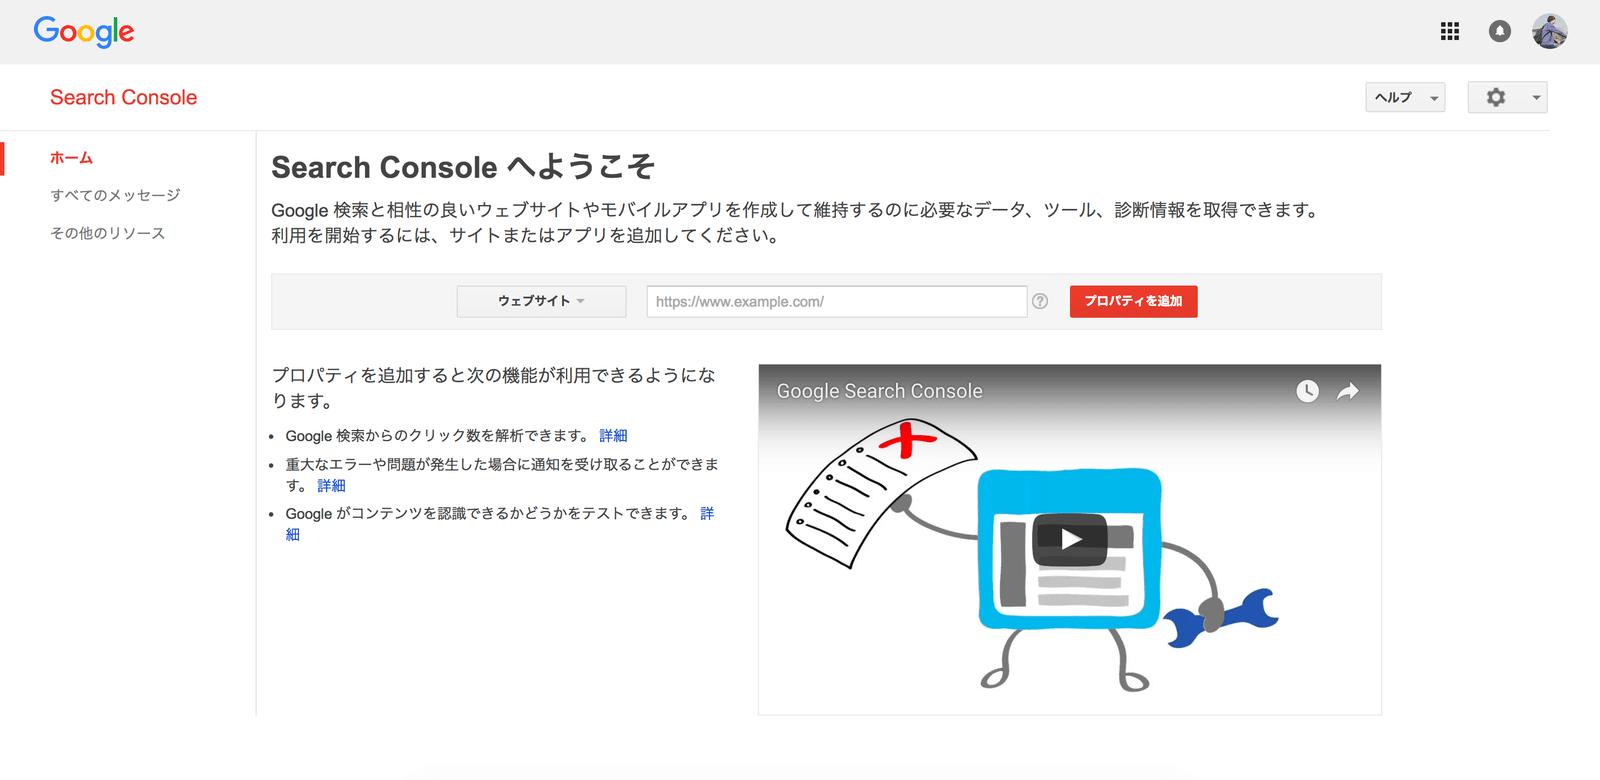 Google Search Consoleにアクセスしてサイトの登録を始める